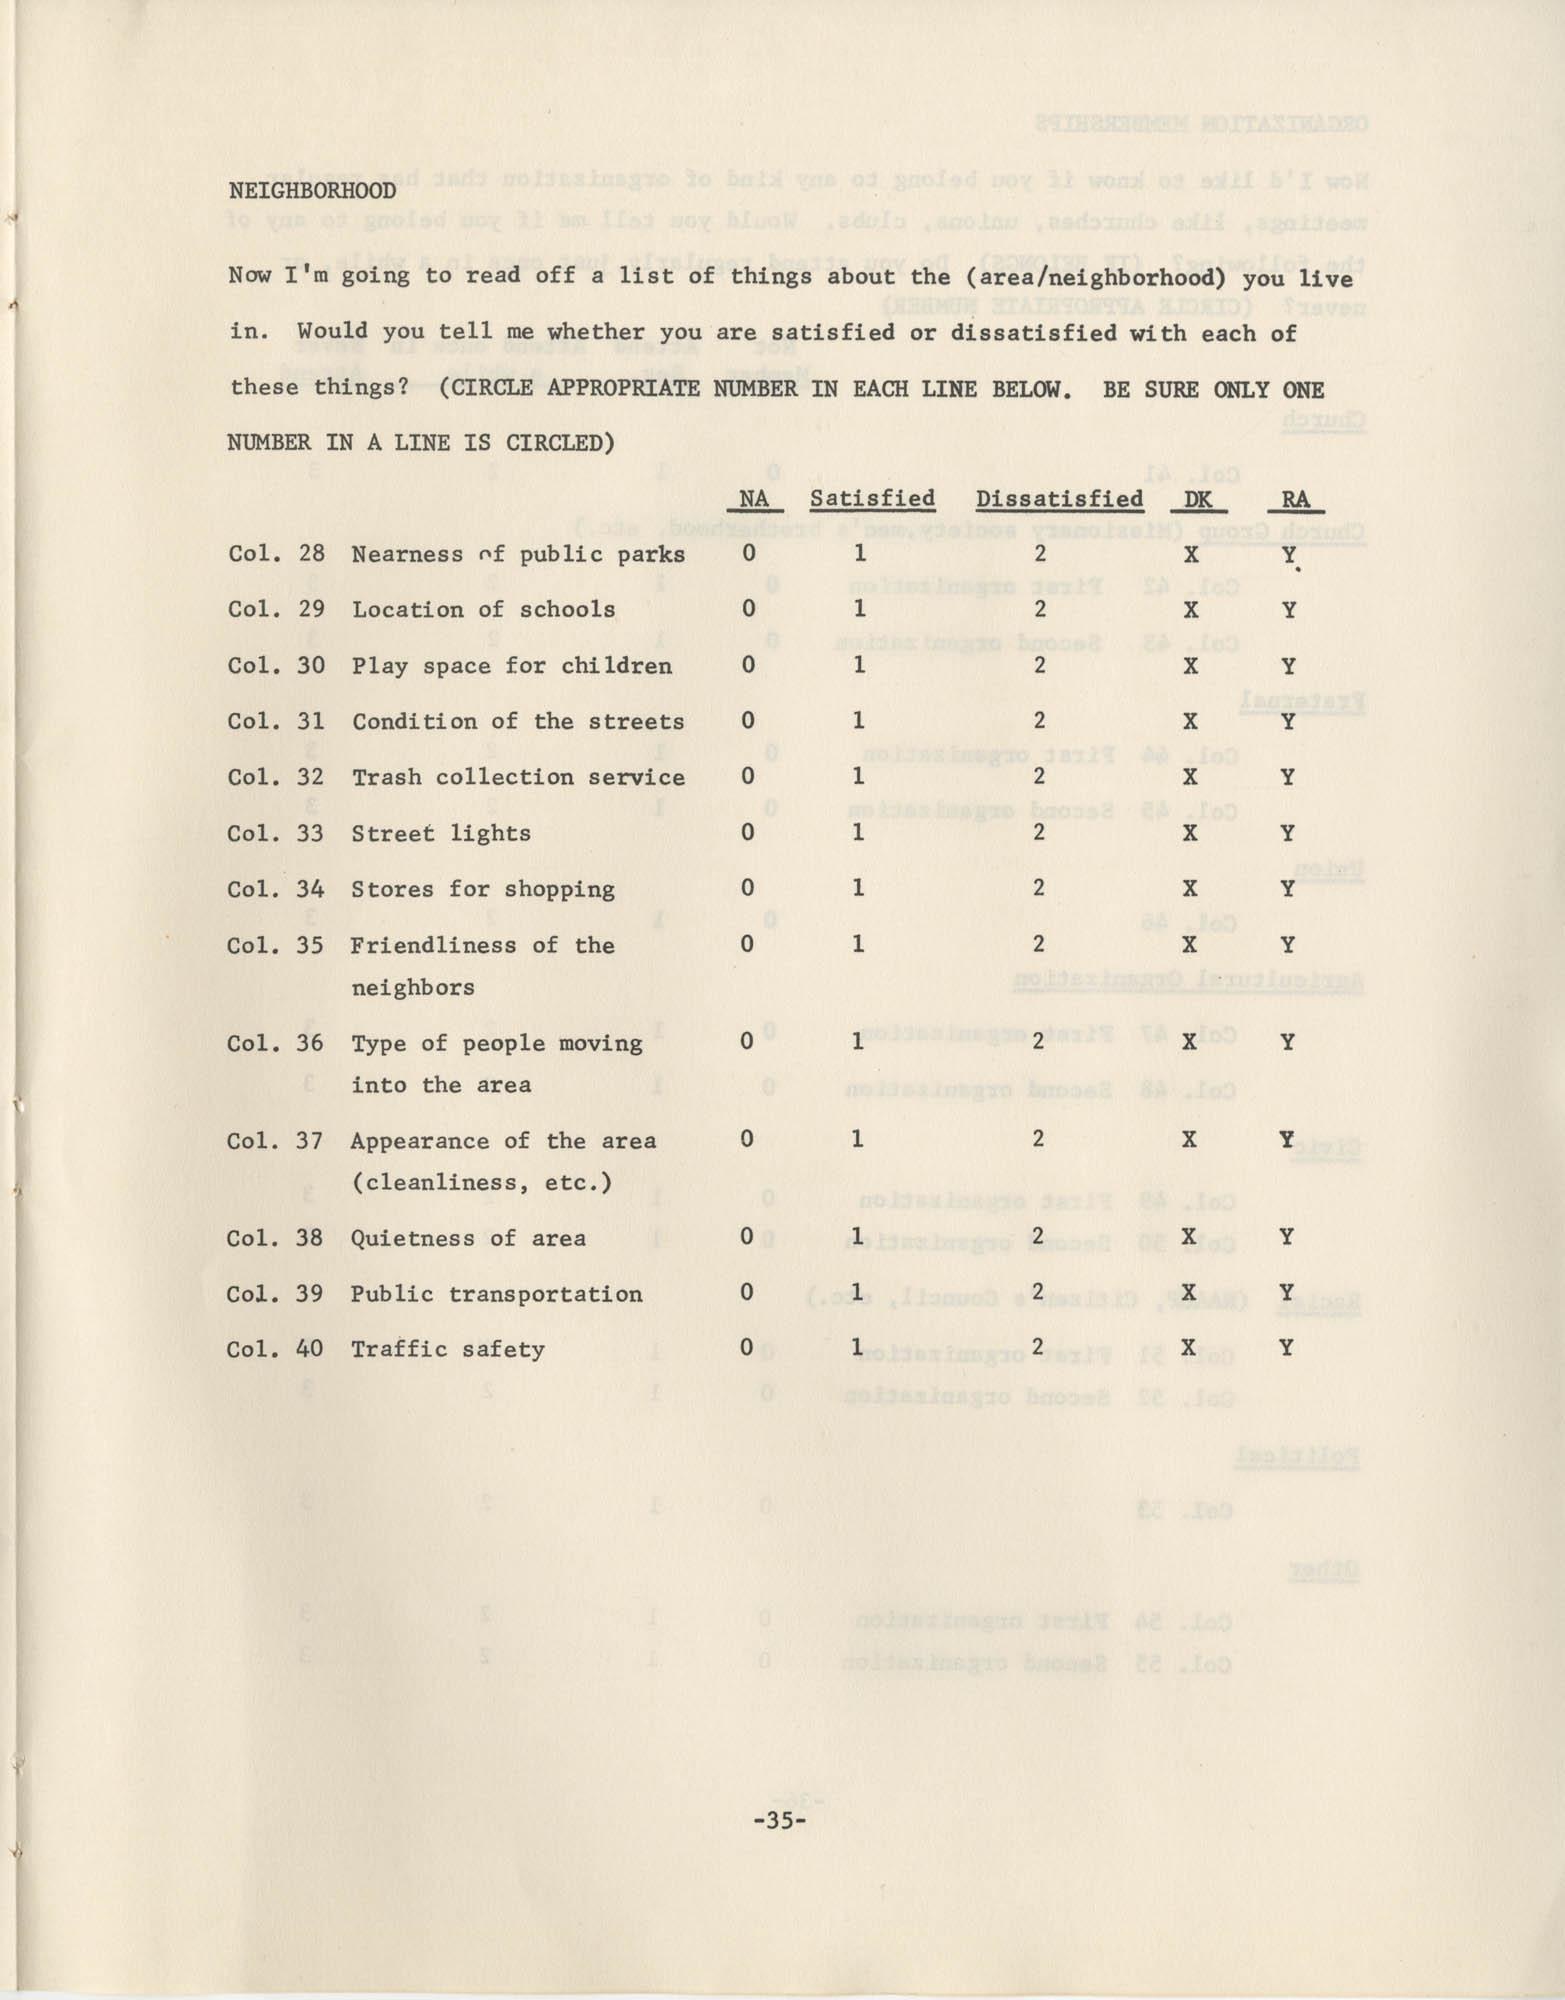 North Carolina Socio-Economic Survey, Page 35